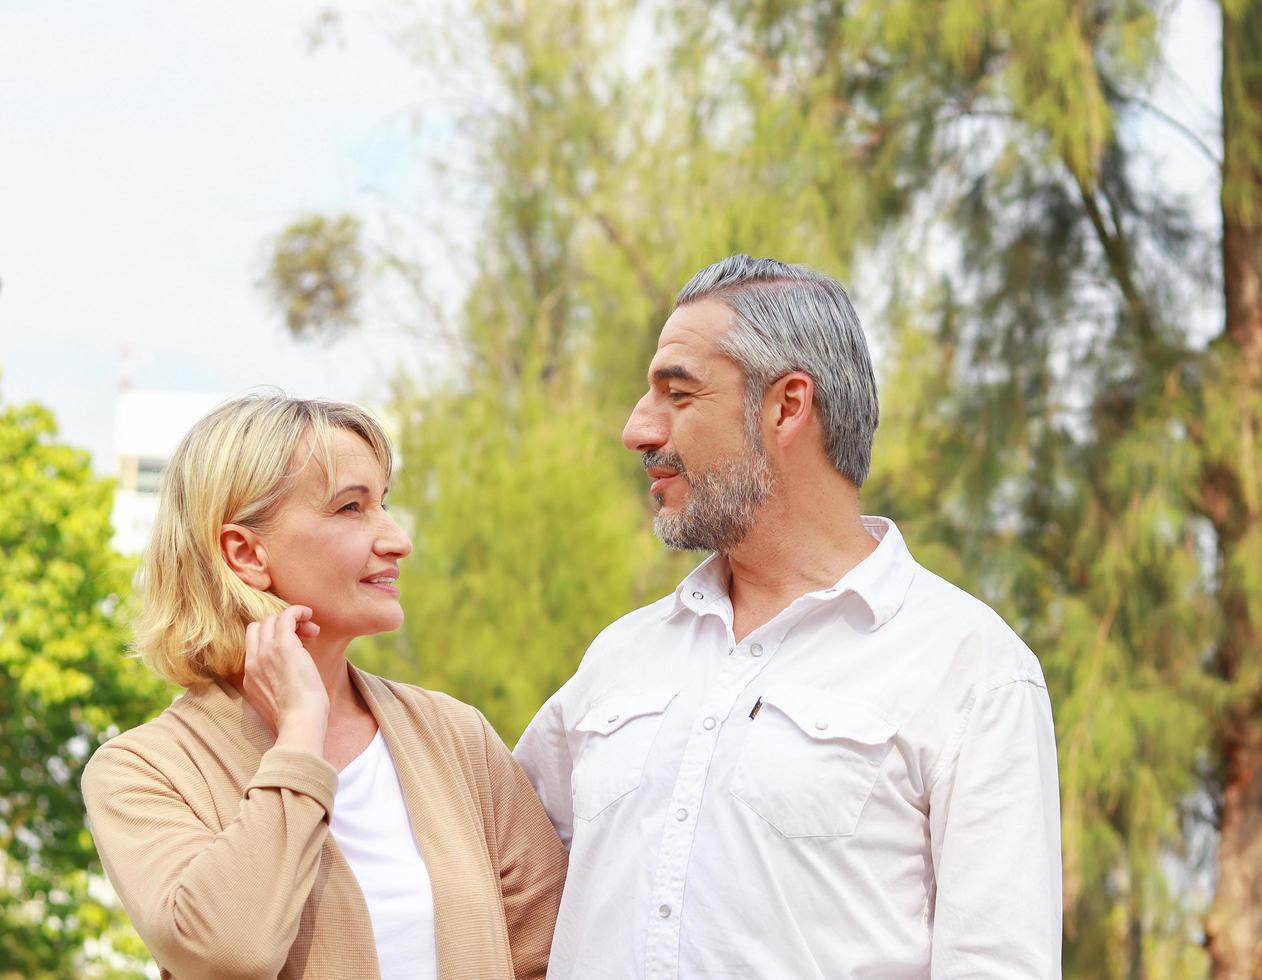 reifes Paar, das glücklich im Park spaziert foto